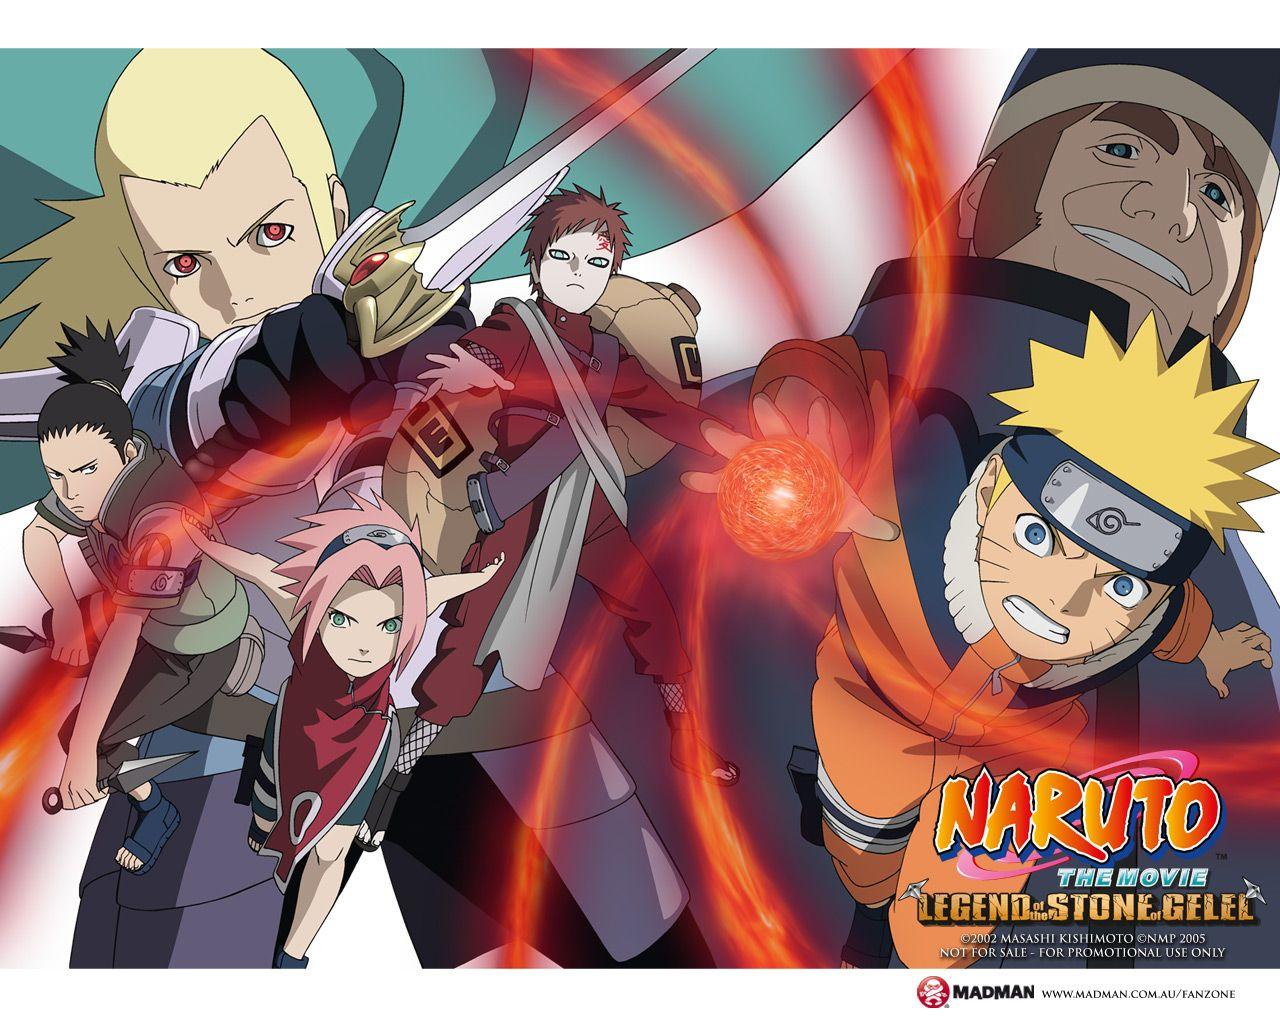 ナルト 壁紙 Naruto Wallpaper Naruto The Movie Anime Naruto Movie 2